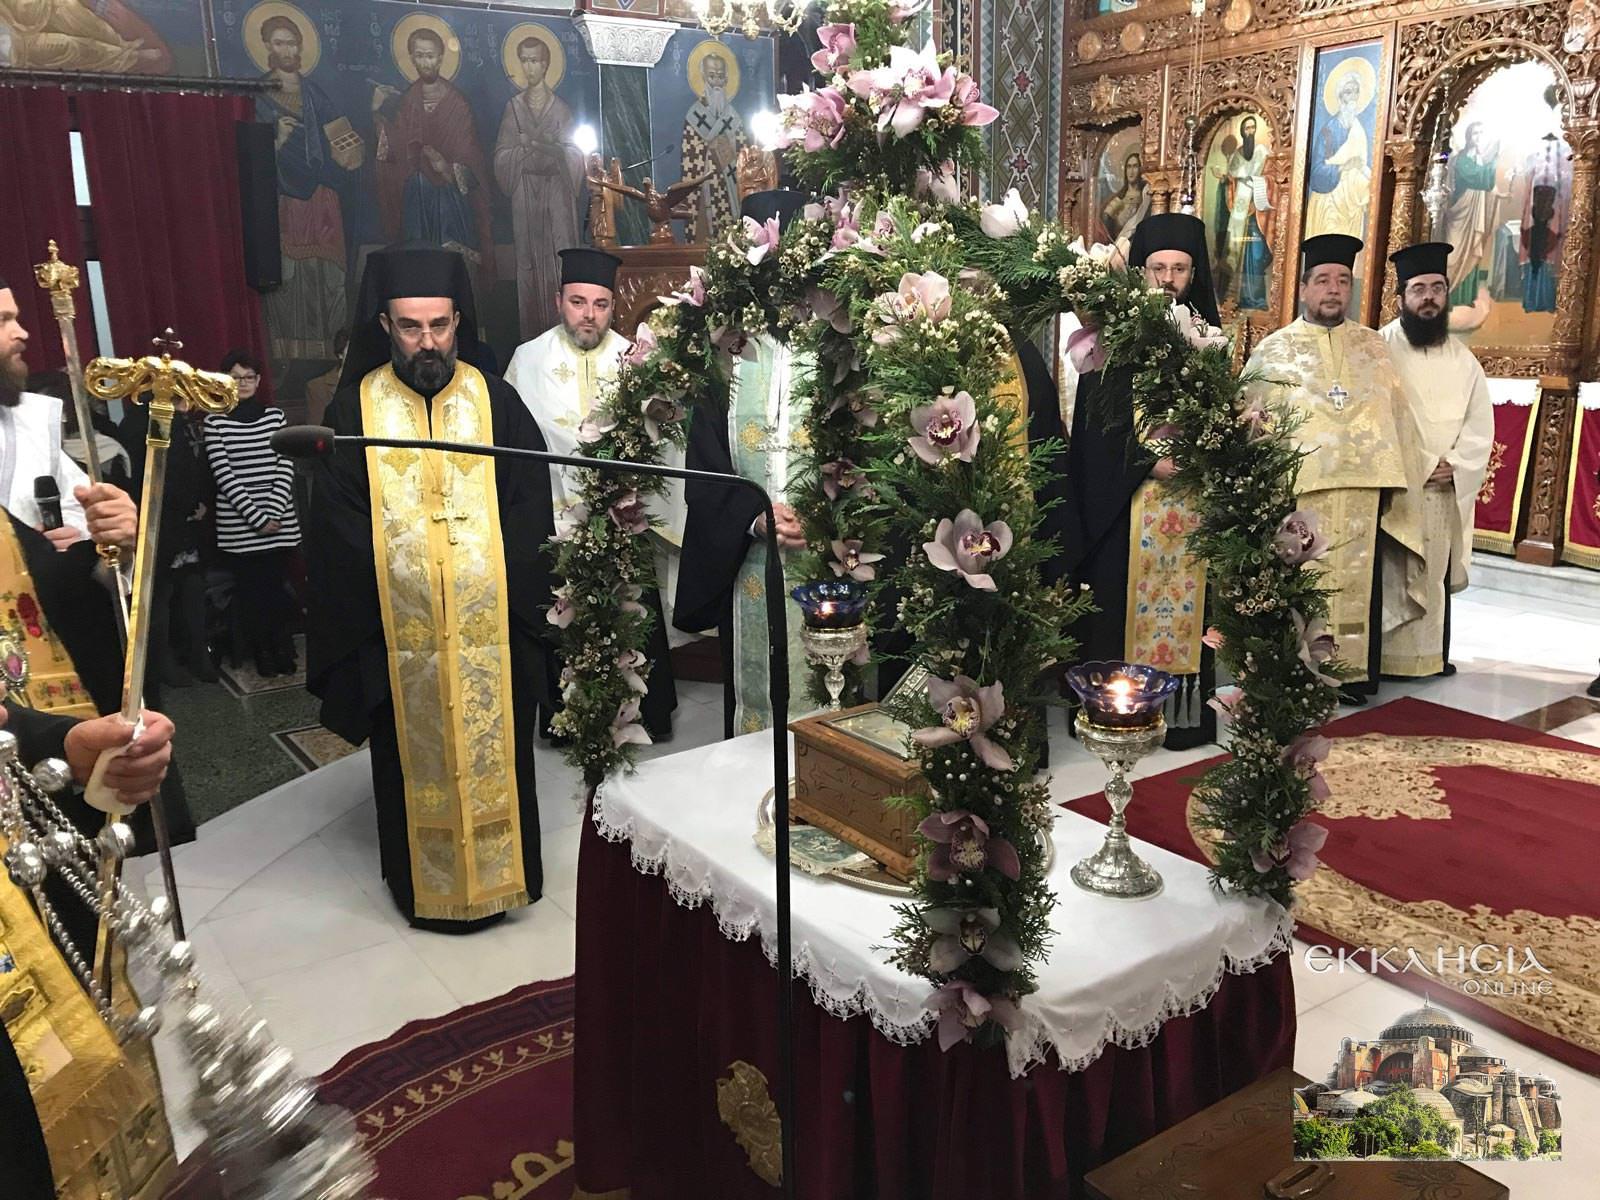 Λείψανα Αγίου Νικολάου και Ειρήνης Χαλκίδα